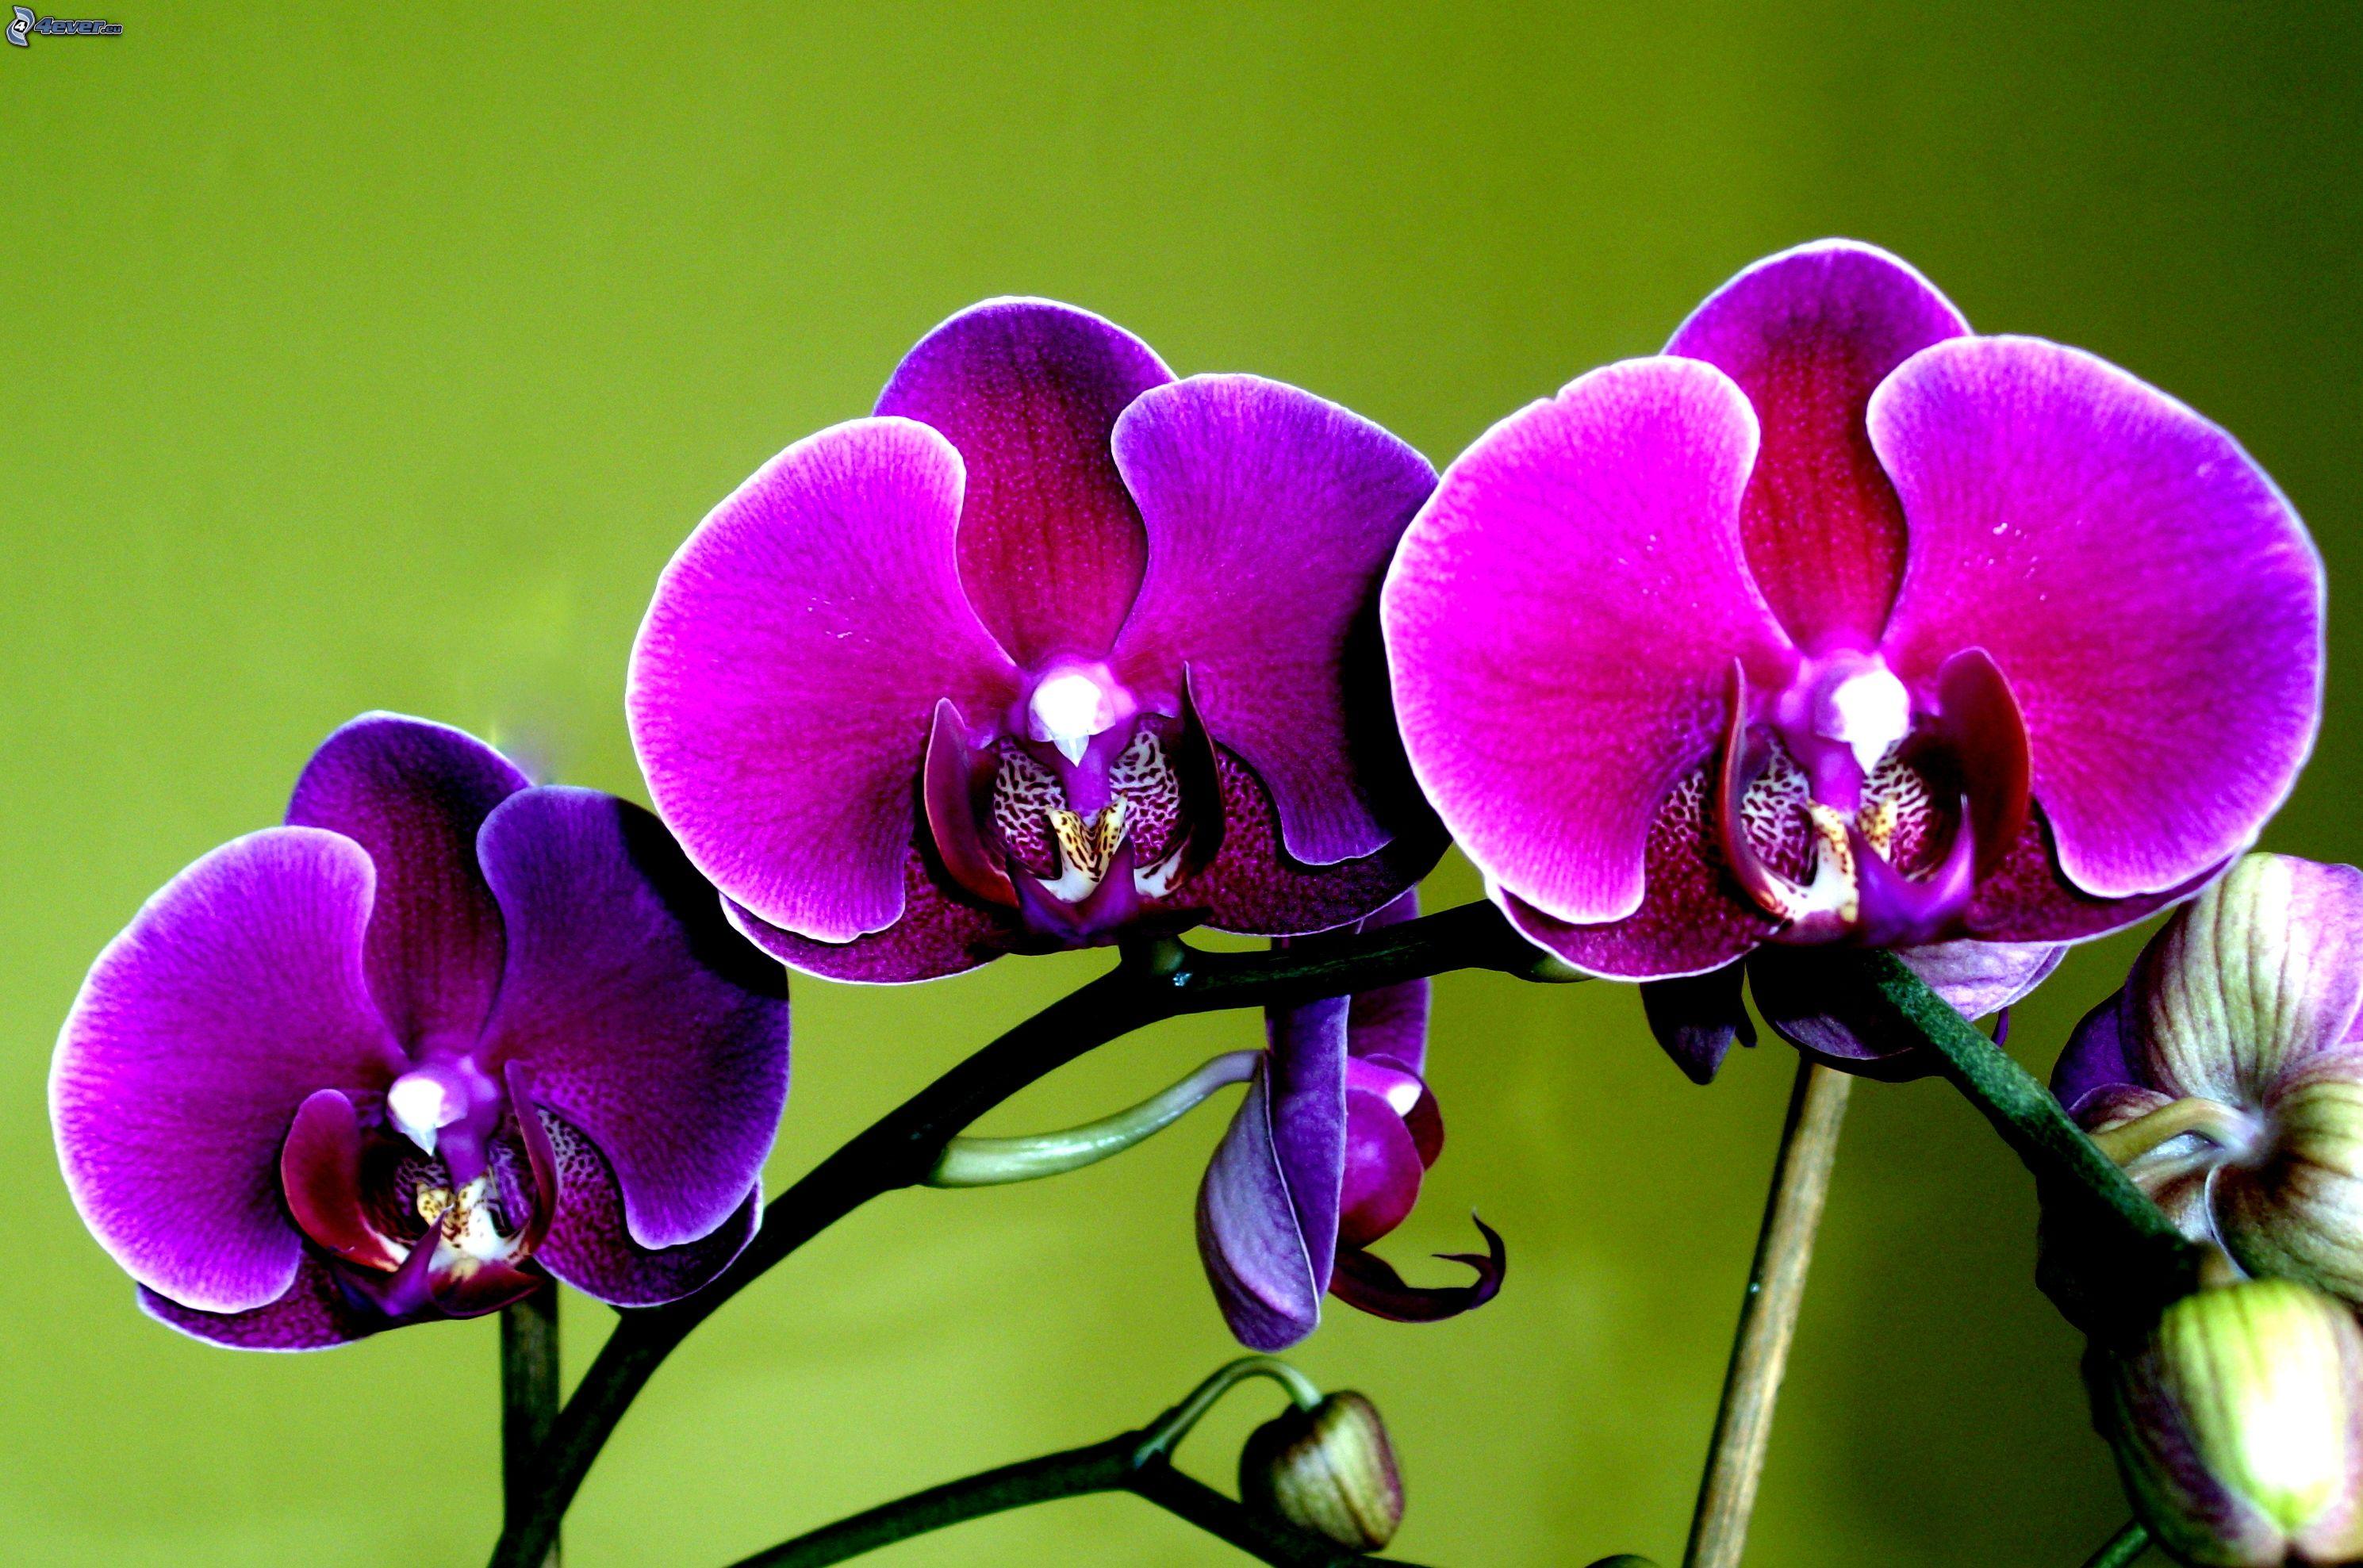 Ako si vybrať v obchode tú správnu orchideu, aby vám kvitla čo najdlhšie? 7 trikov ako na to!